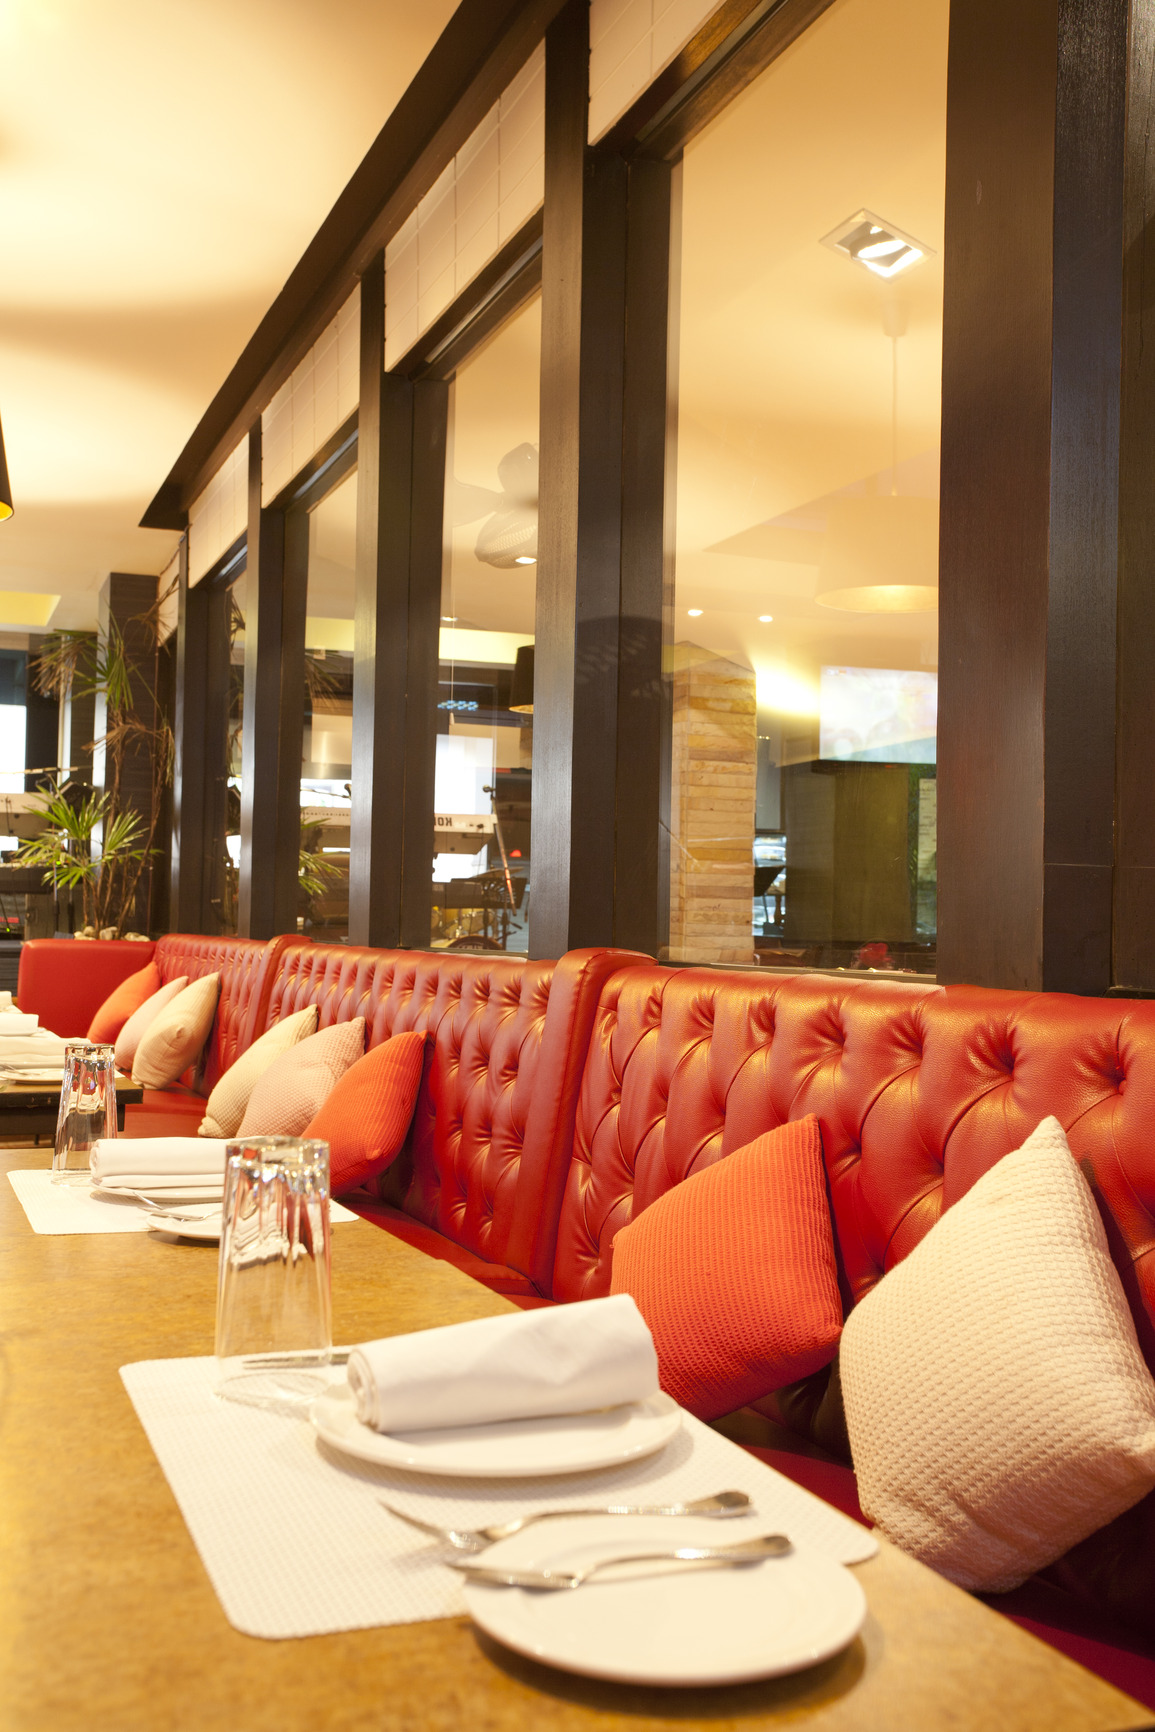 photodune-3461072-leather-chairs-near-mirror-in-steak-restaurant-m